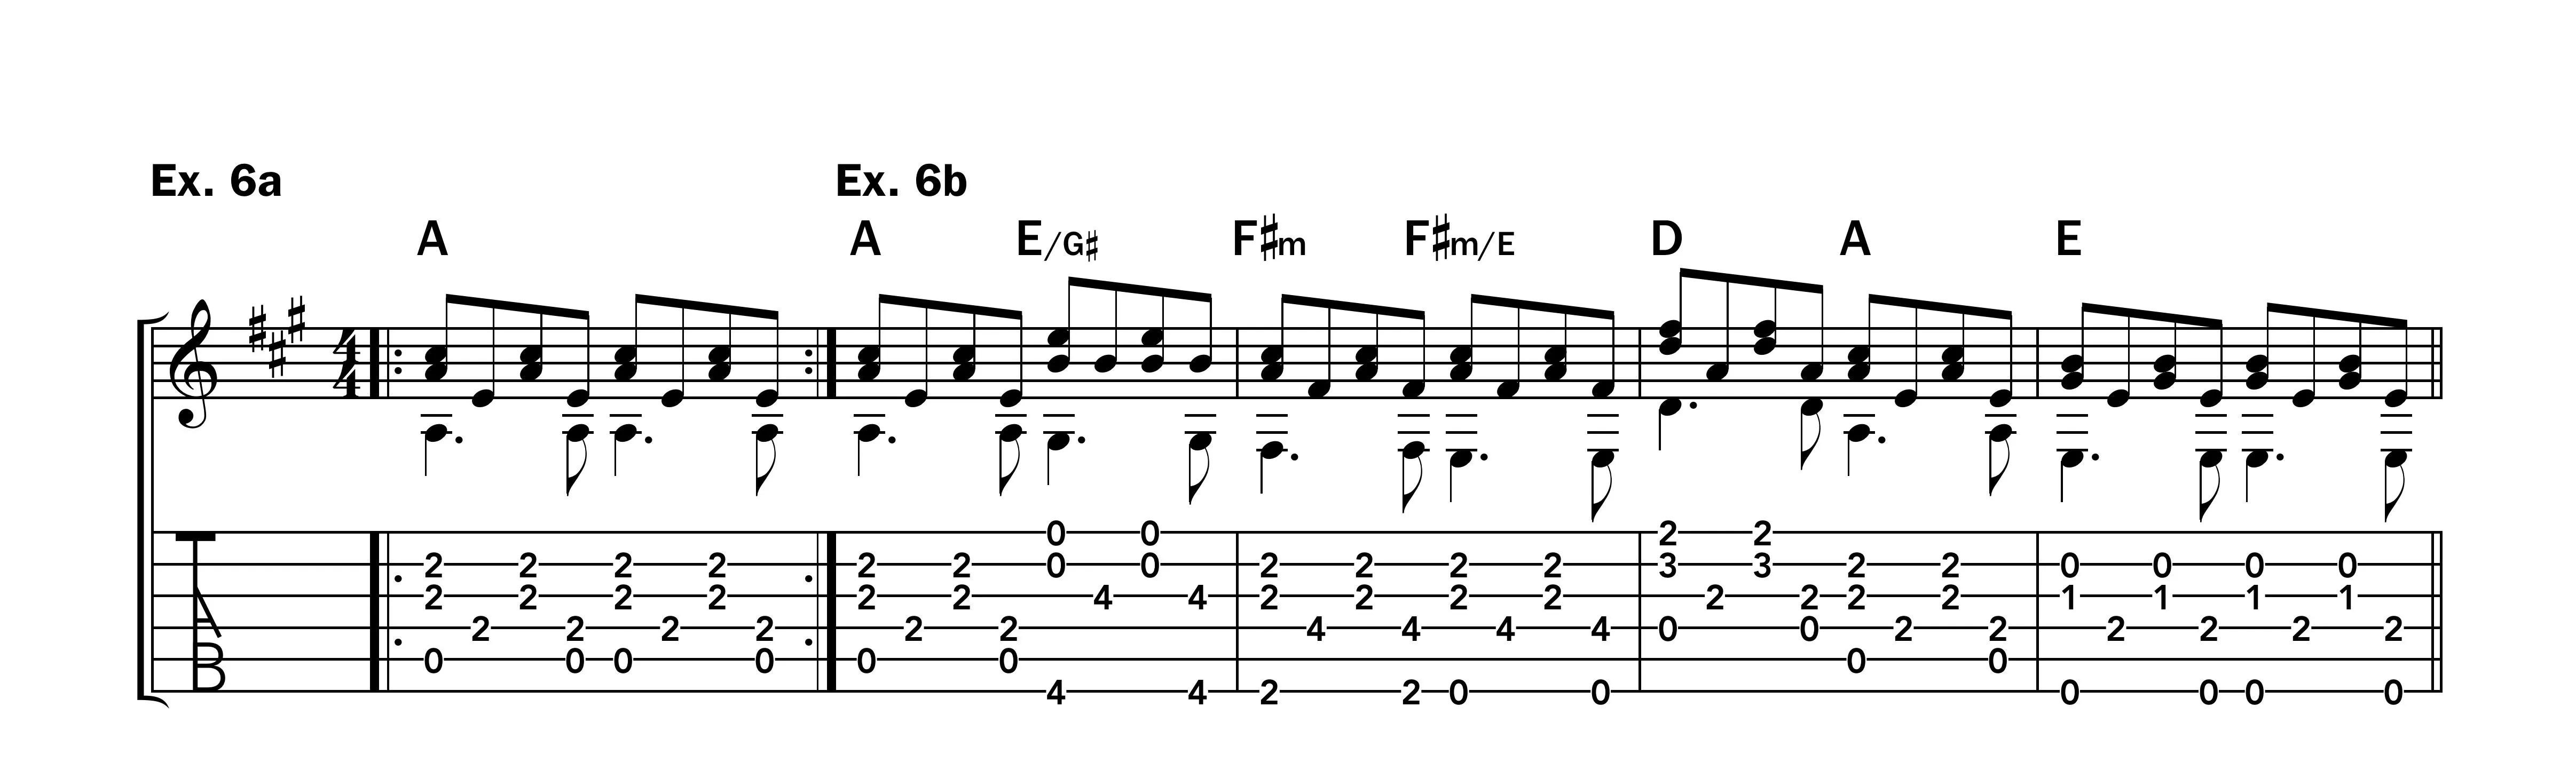 Fingerpicking patterns for acoustic guitar pdf